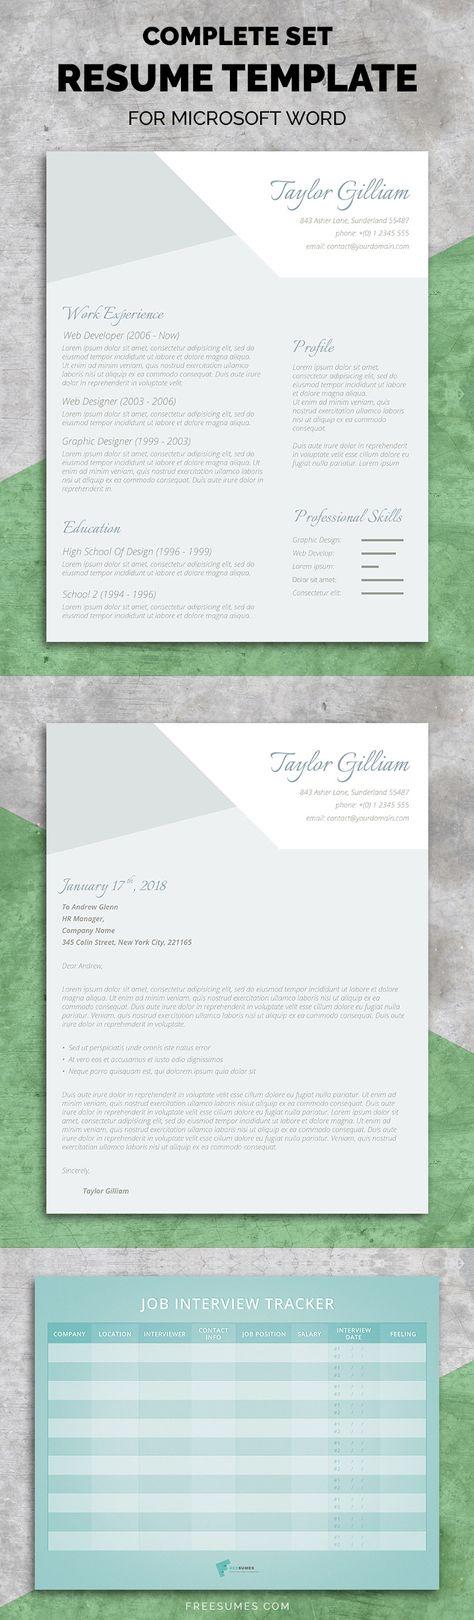 Elegant Resume Template Cover Letter Resume Templates $1500 - microsoft resume templates 2018